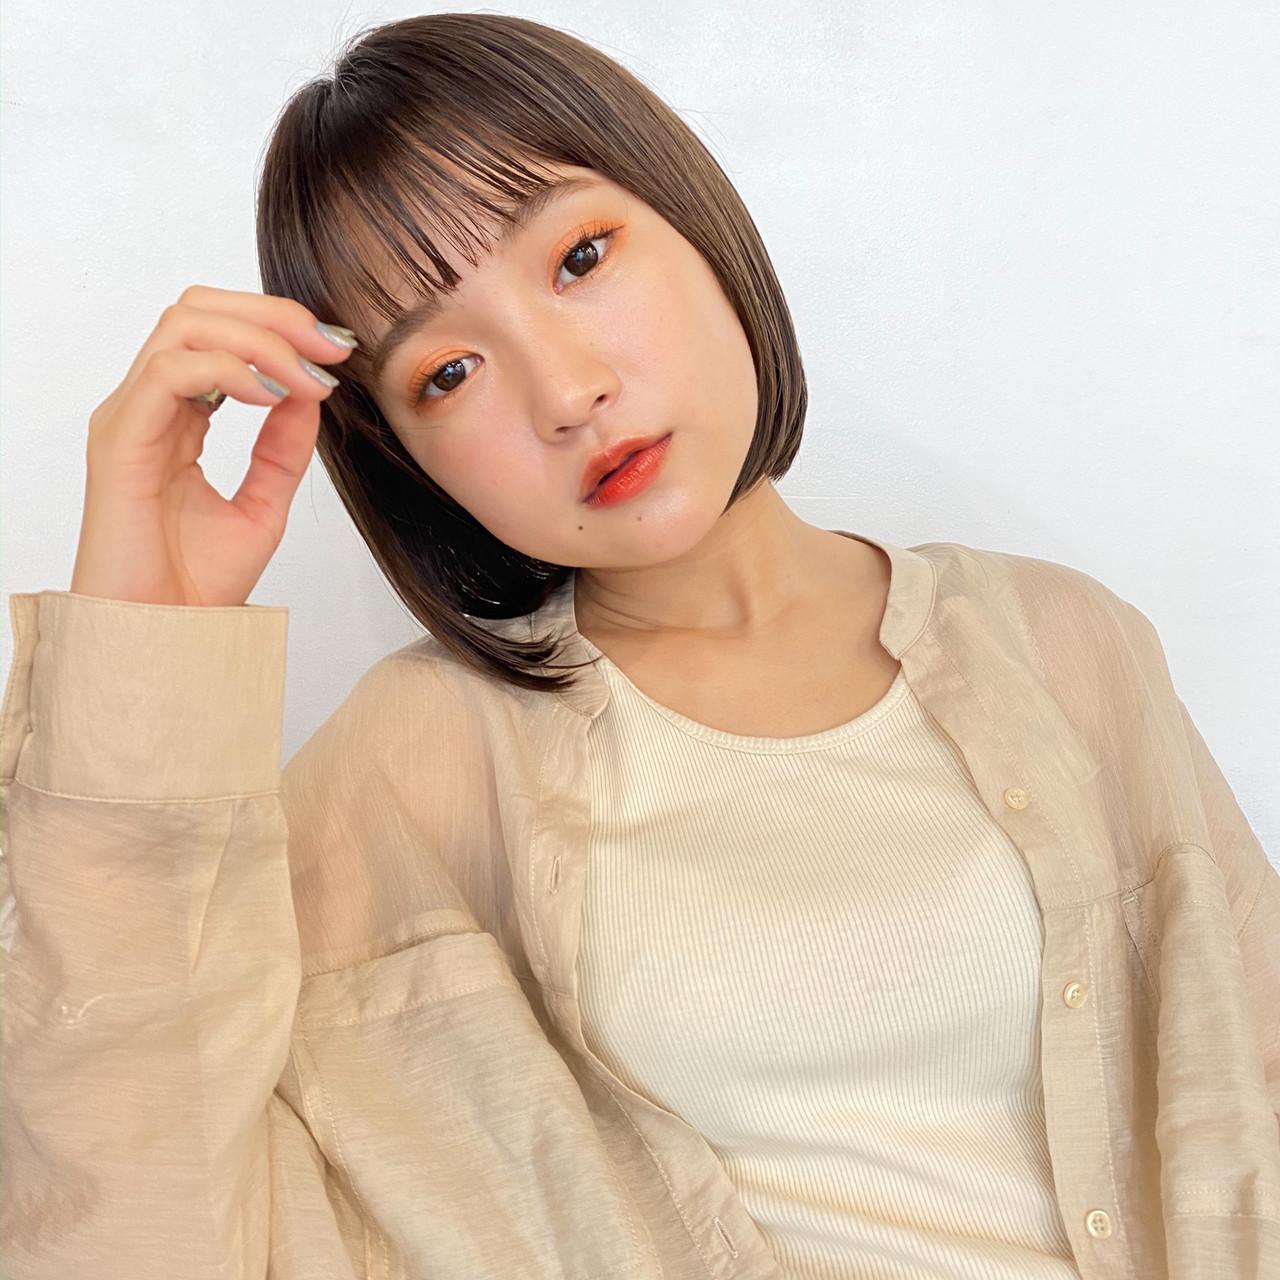 ショートヘア ミニボブ 大人可愛い ショートボブ ヘアスタイルや髪型の写真・画像 | GARDEN harajuku 塩見 / GARDEN harajuku